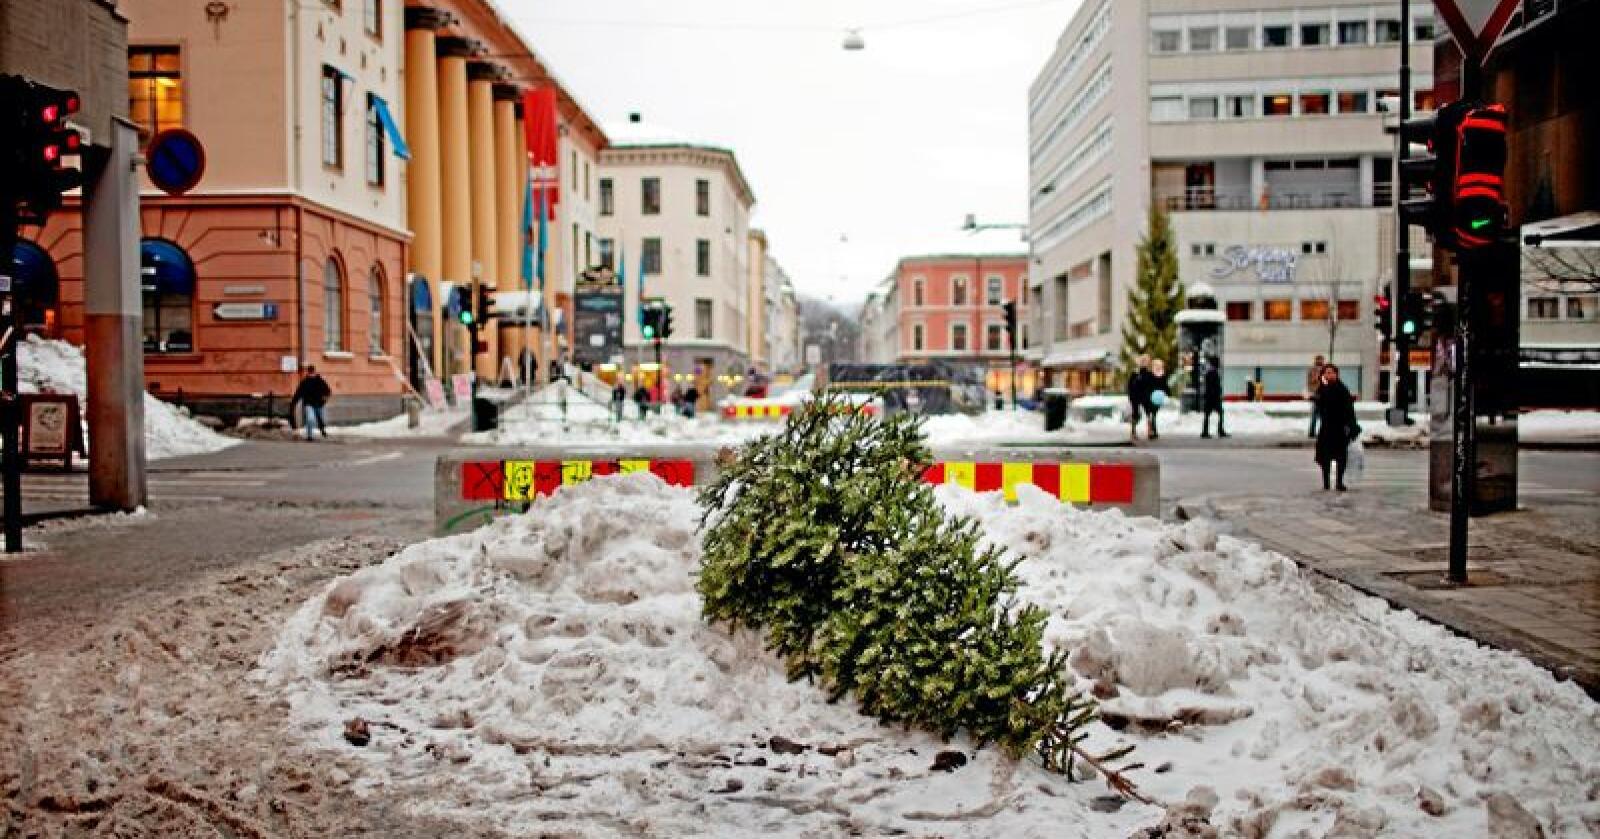 Jule-yolo: Livet er meir enn julefeiring, og takk og lov for det, skriv Nationen-spaltist Inger Johanne Sæterbakk. Foto: Stian Lysberg Solum / SCANPIX